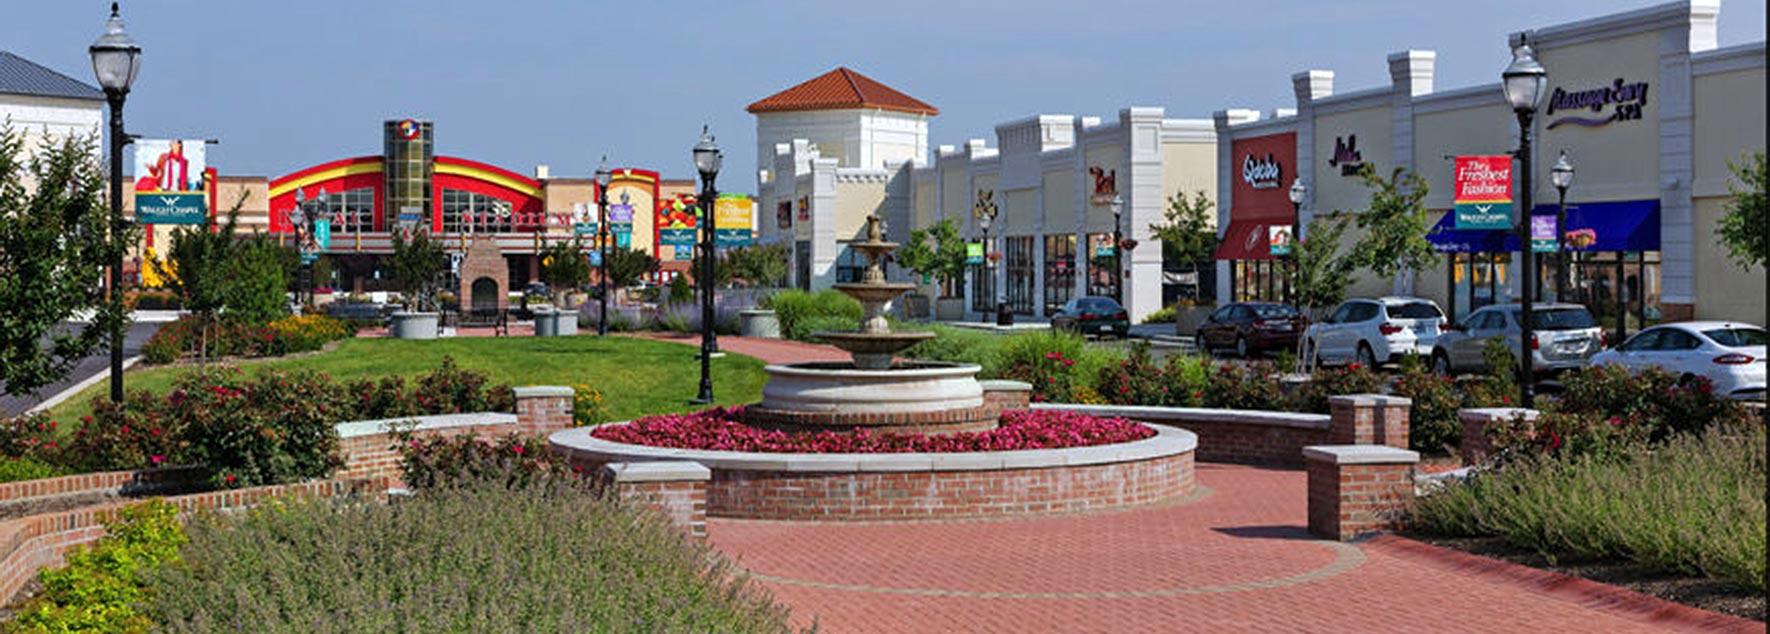 neighborhood-amenities-maryland-real-estate1